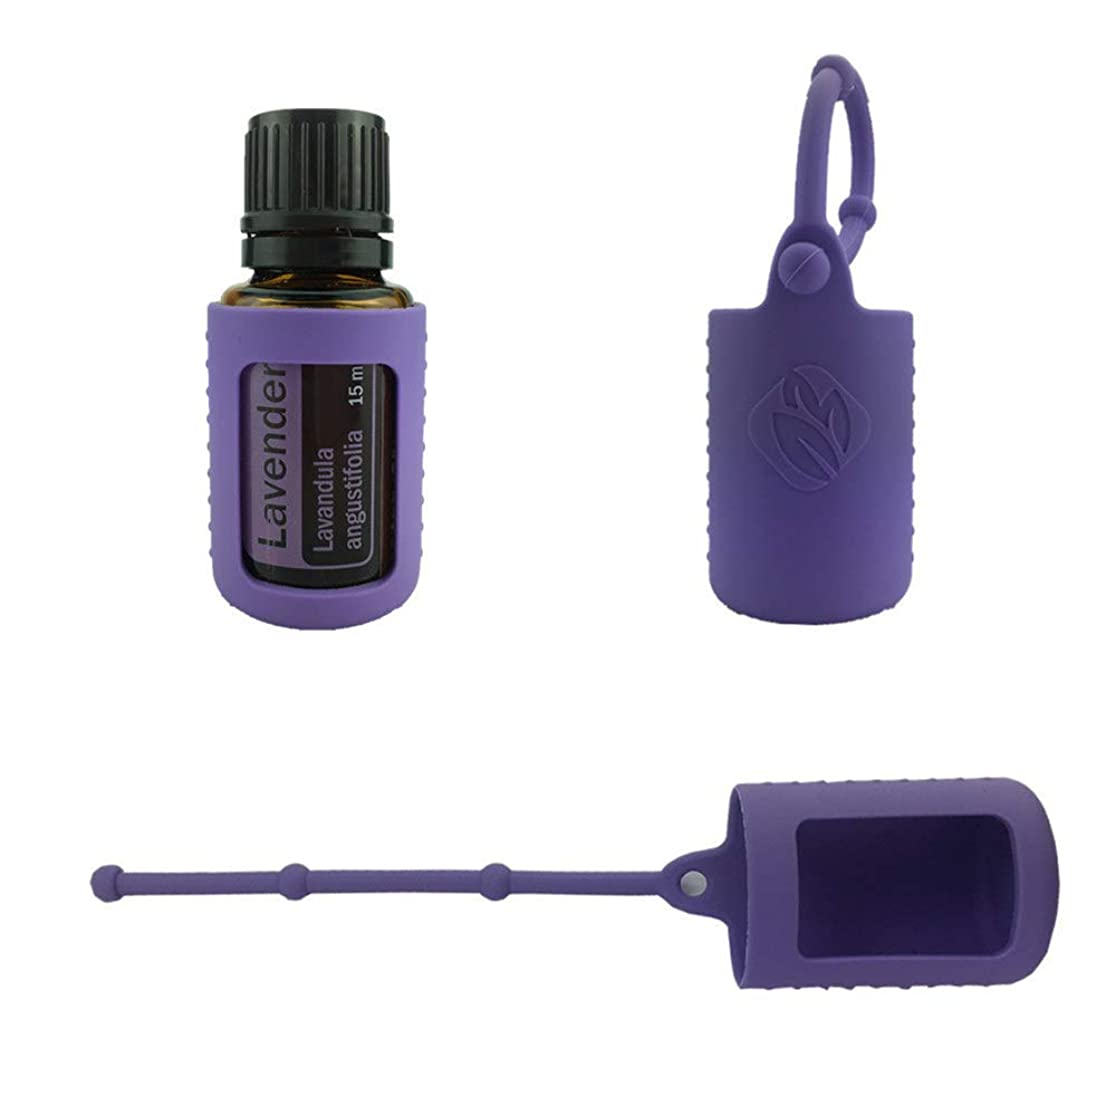 リンス酸化するスキム6パック熱望オイルボトルシリコンローラーボトルホルダースリーブエッセンシャルオイルボトル保護カバーケースハングロープ - パープル - 6-pcs 10ml